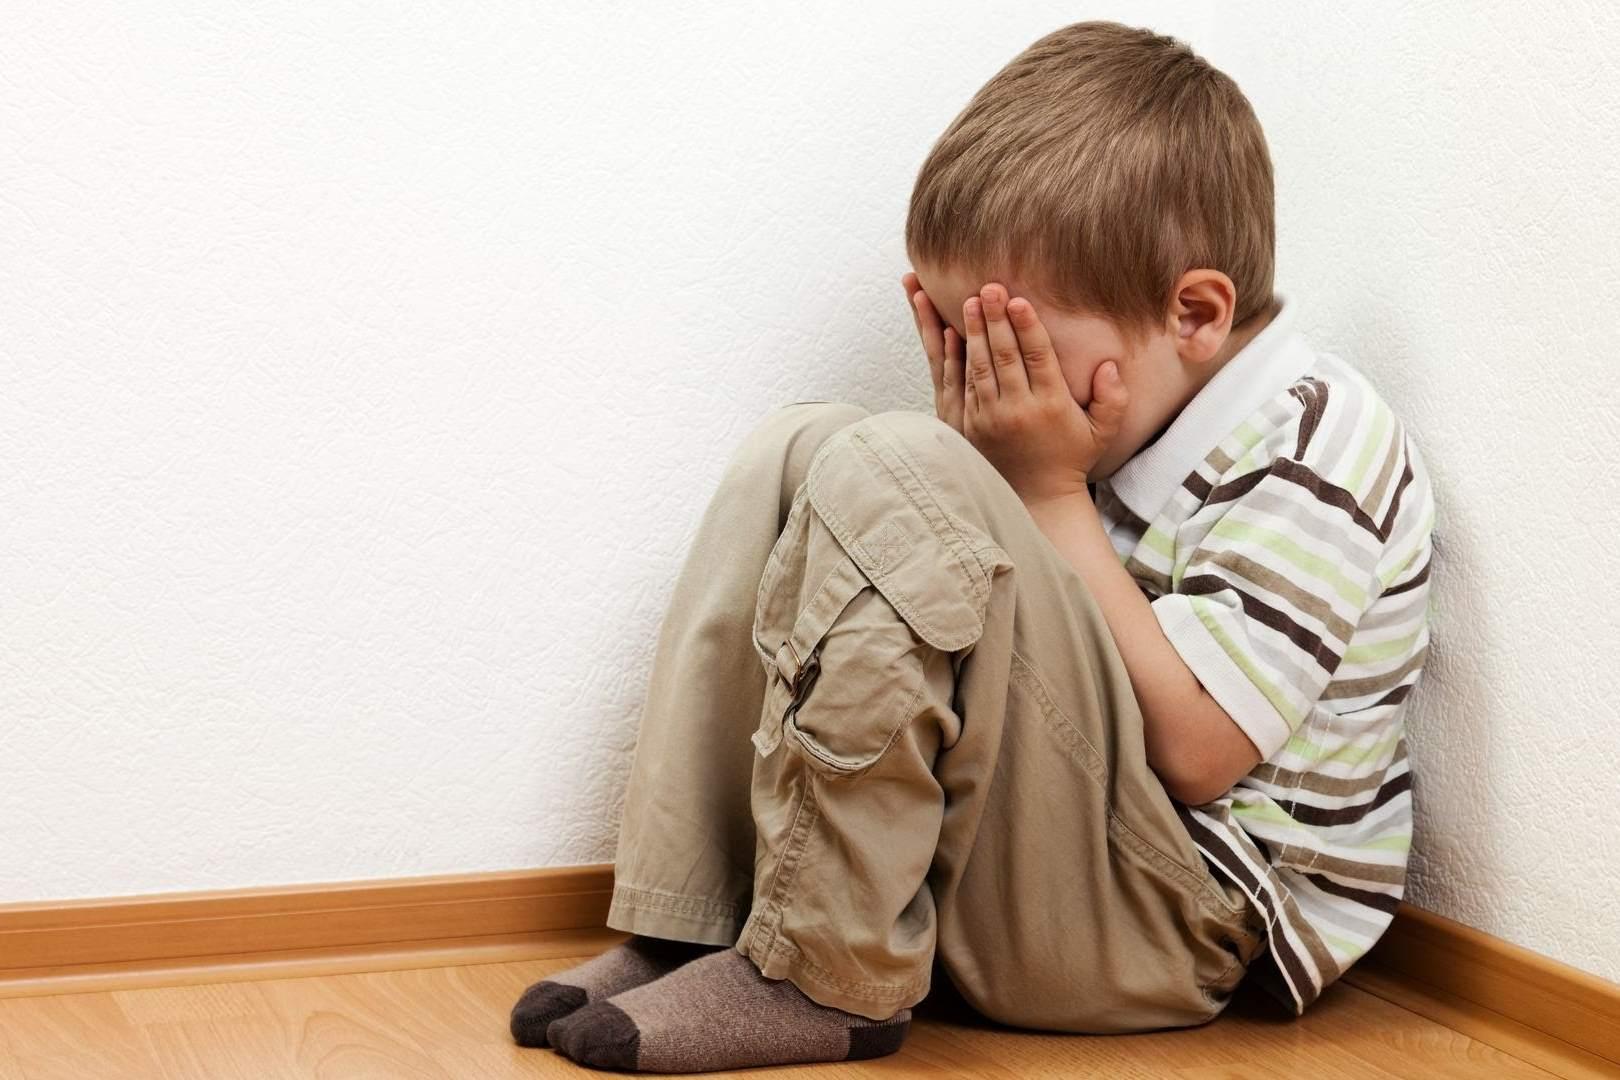 ბავშვი აუცილებლად სიყვარულის ფონზე უნდა დაისაჯოს